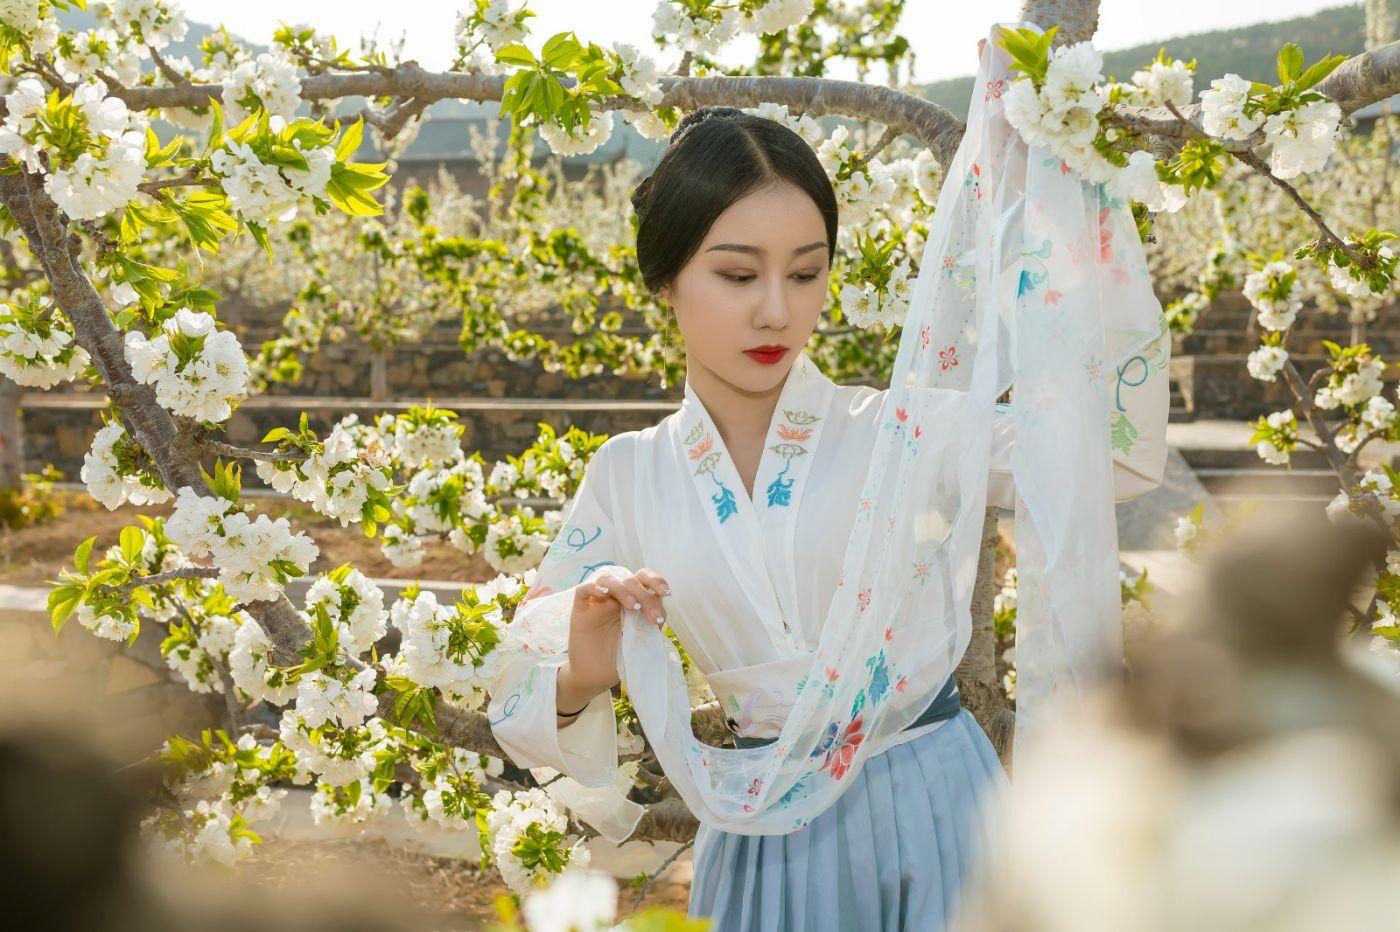 发现民族舞女孩吕锦涛 在樱桃花开白如雪的马泉翩翩起舞_图1-18